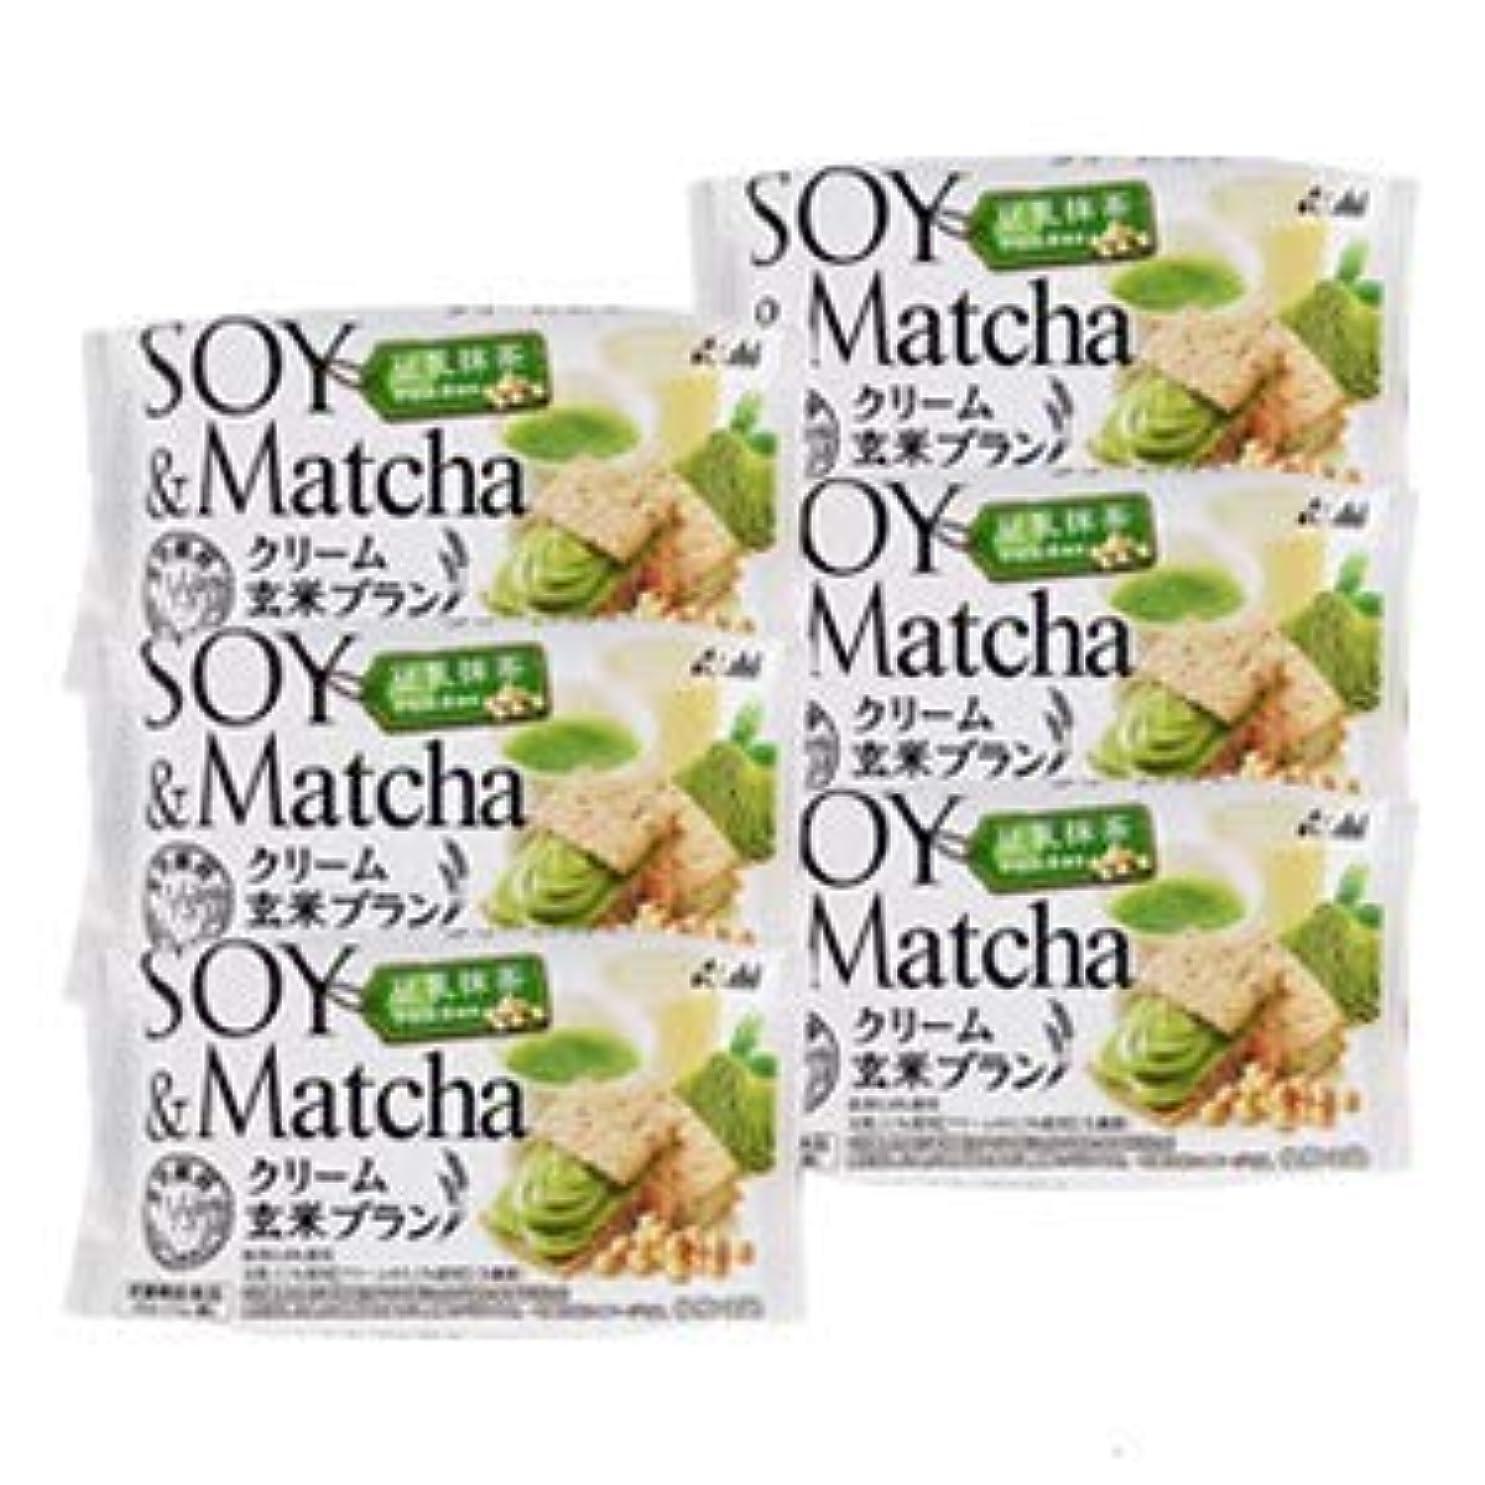 歯車ペチコート受益者アサヒ バランスアップ クリーム玄米ブラン 豆乳抹茶 6個セット